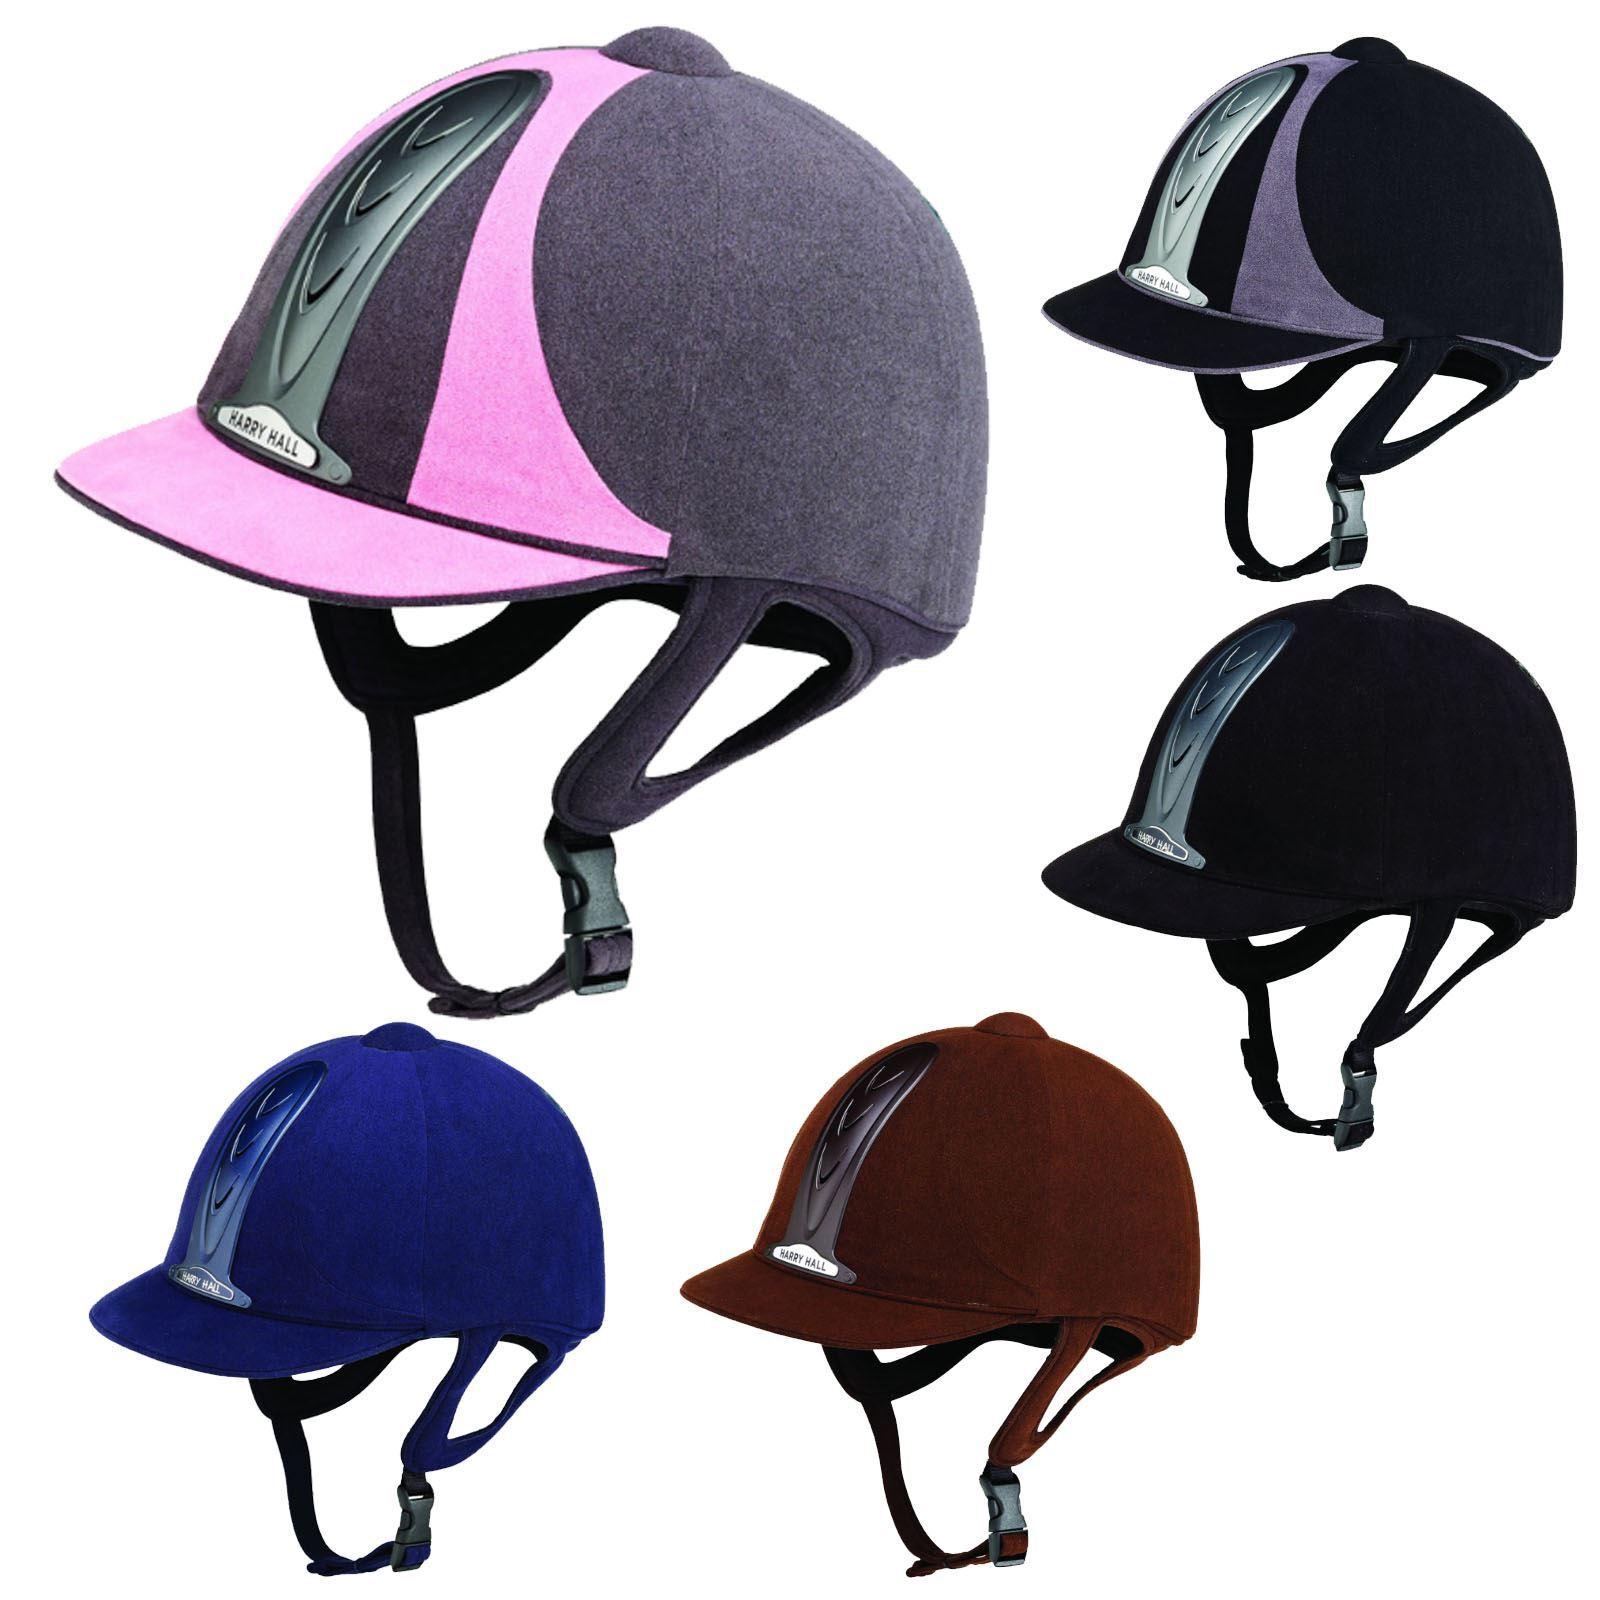 Harry Hall Legend  Junior BSI Kitemarked equestiran ligero sombrero de montar a caballo de la seguridad  alta calidad